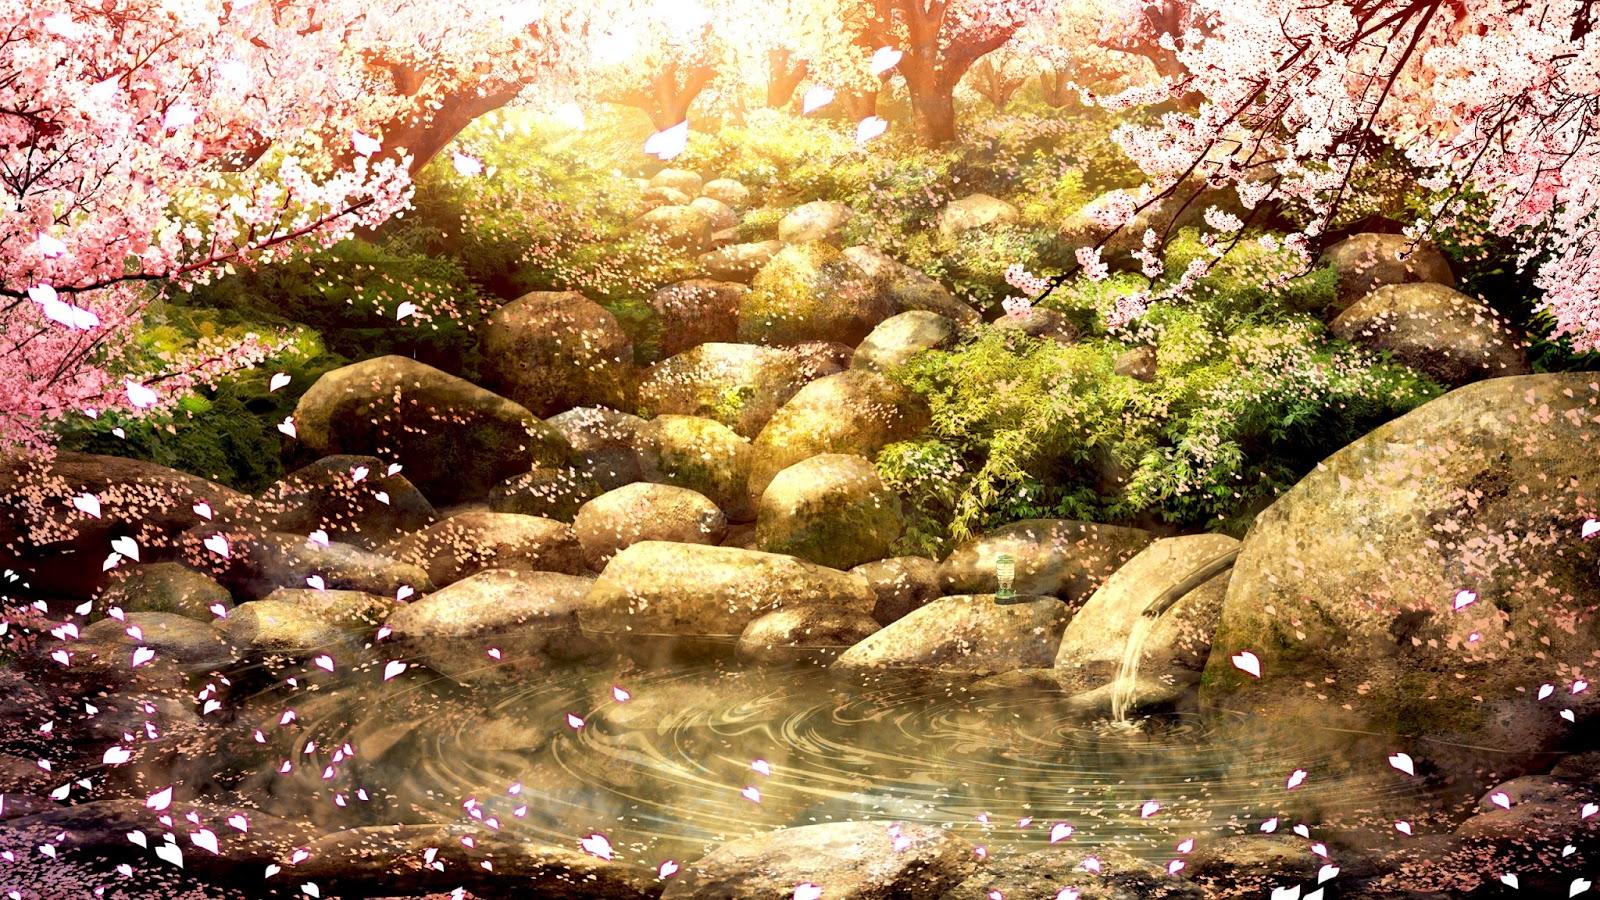 River anime background for Find a landscaper